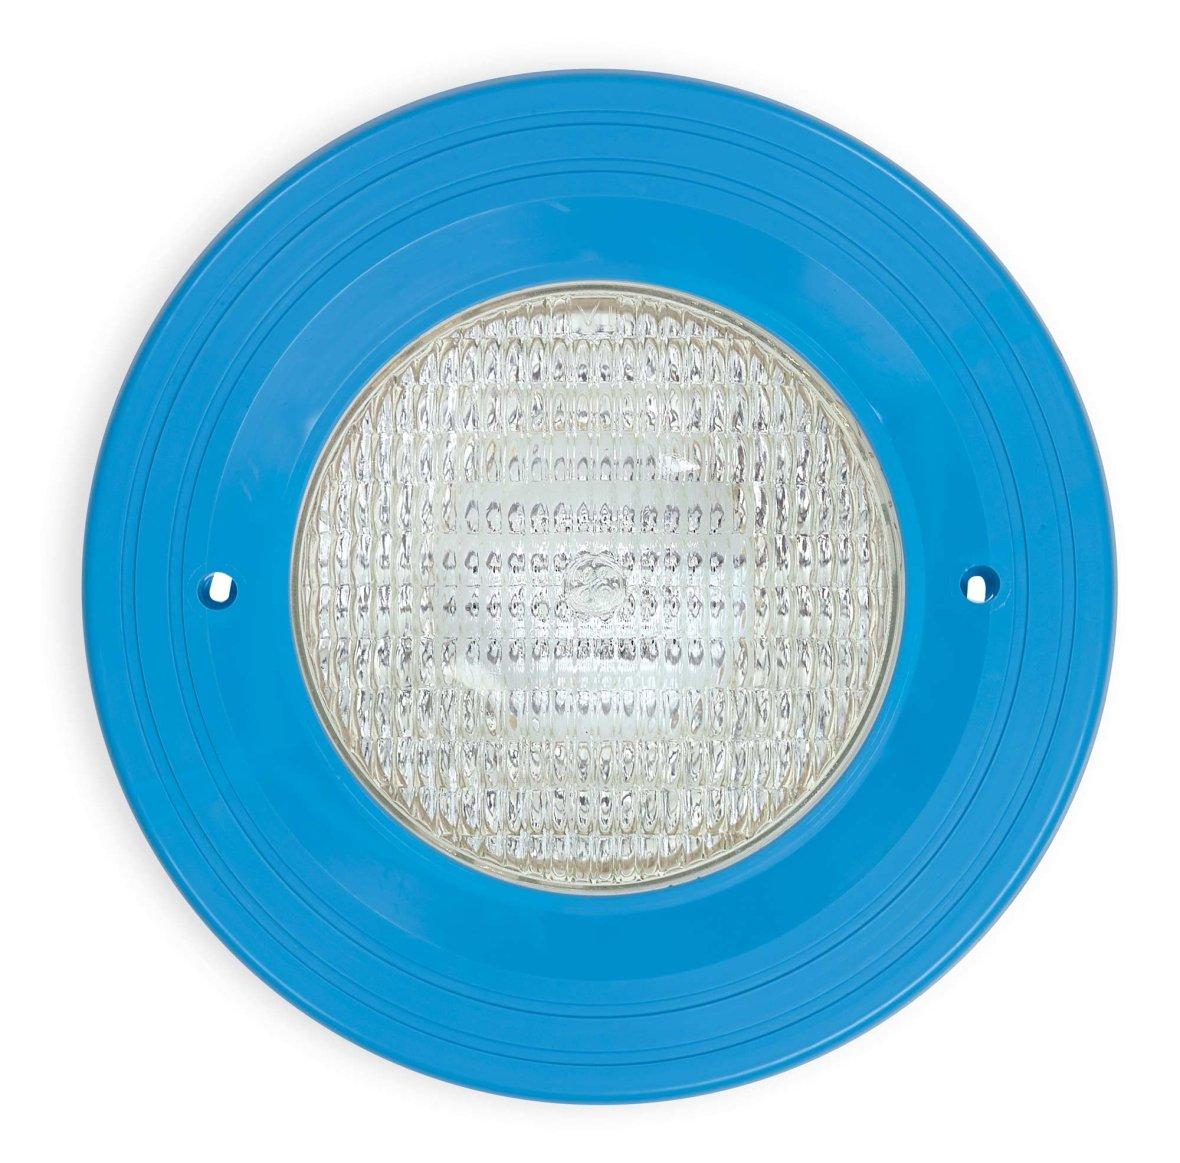 Éclairage halogène bleu adriatique